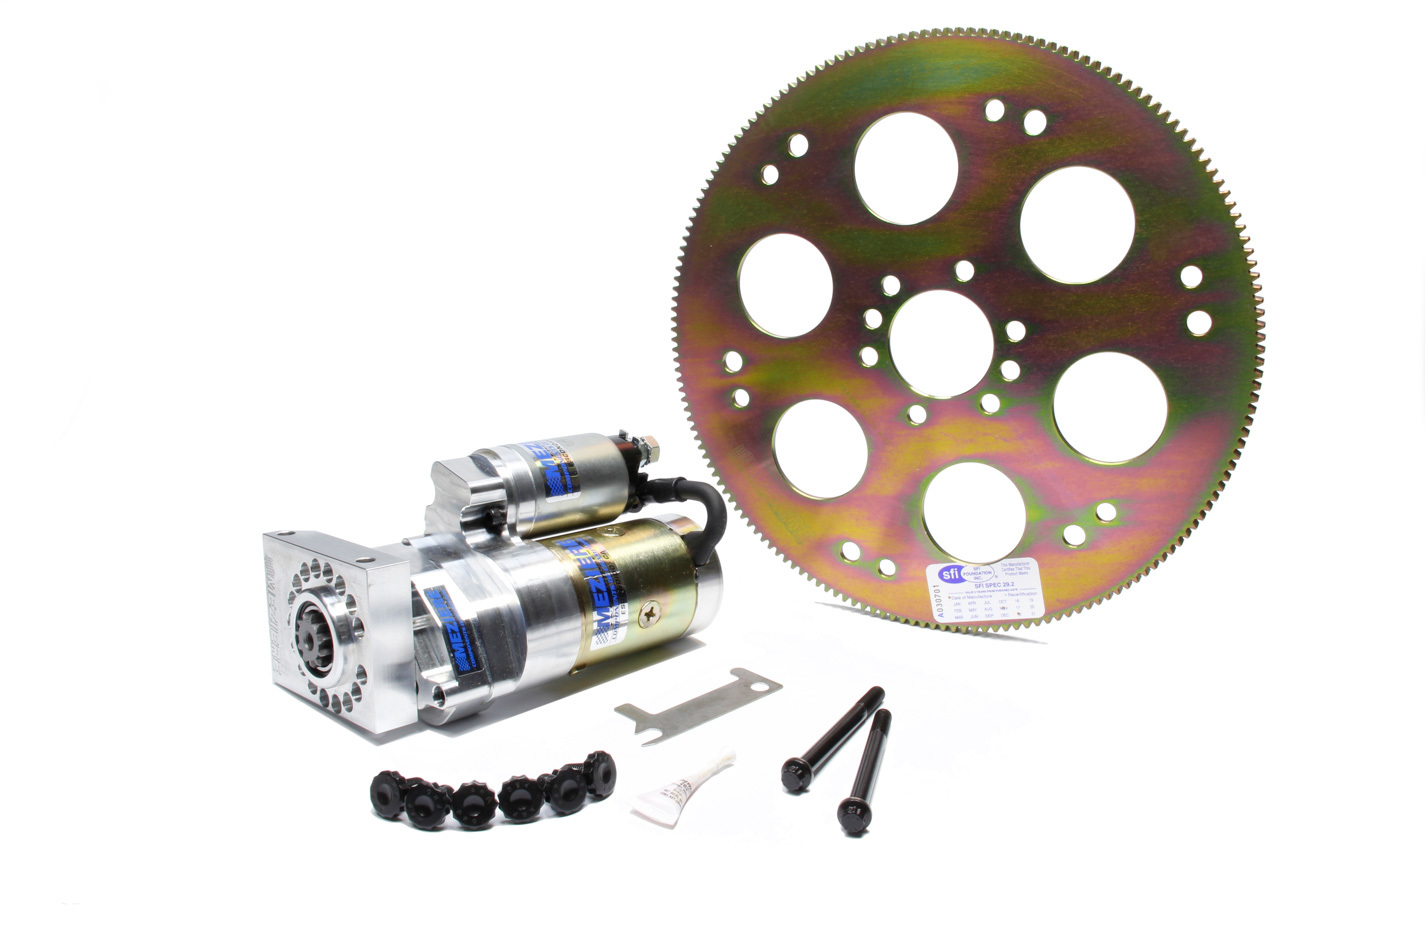 Starter/Flexplate Combo Kit (TS400 & FP300)